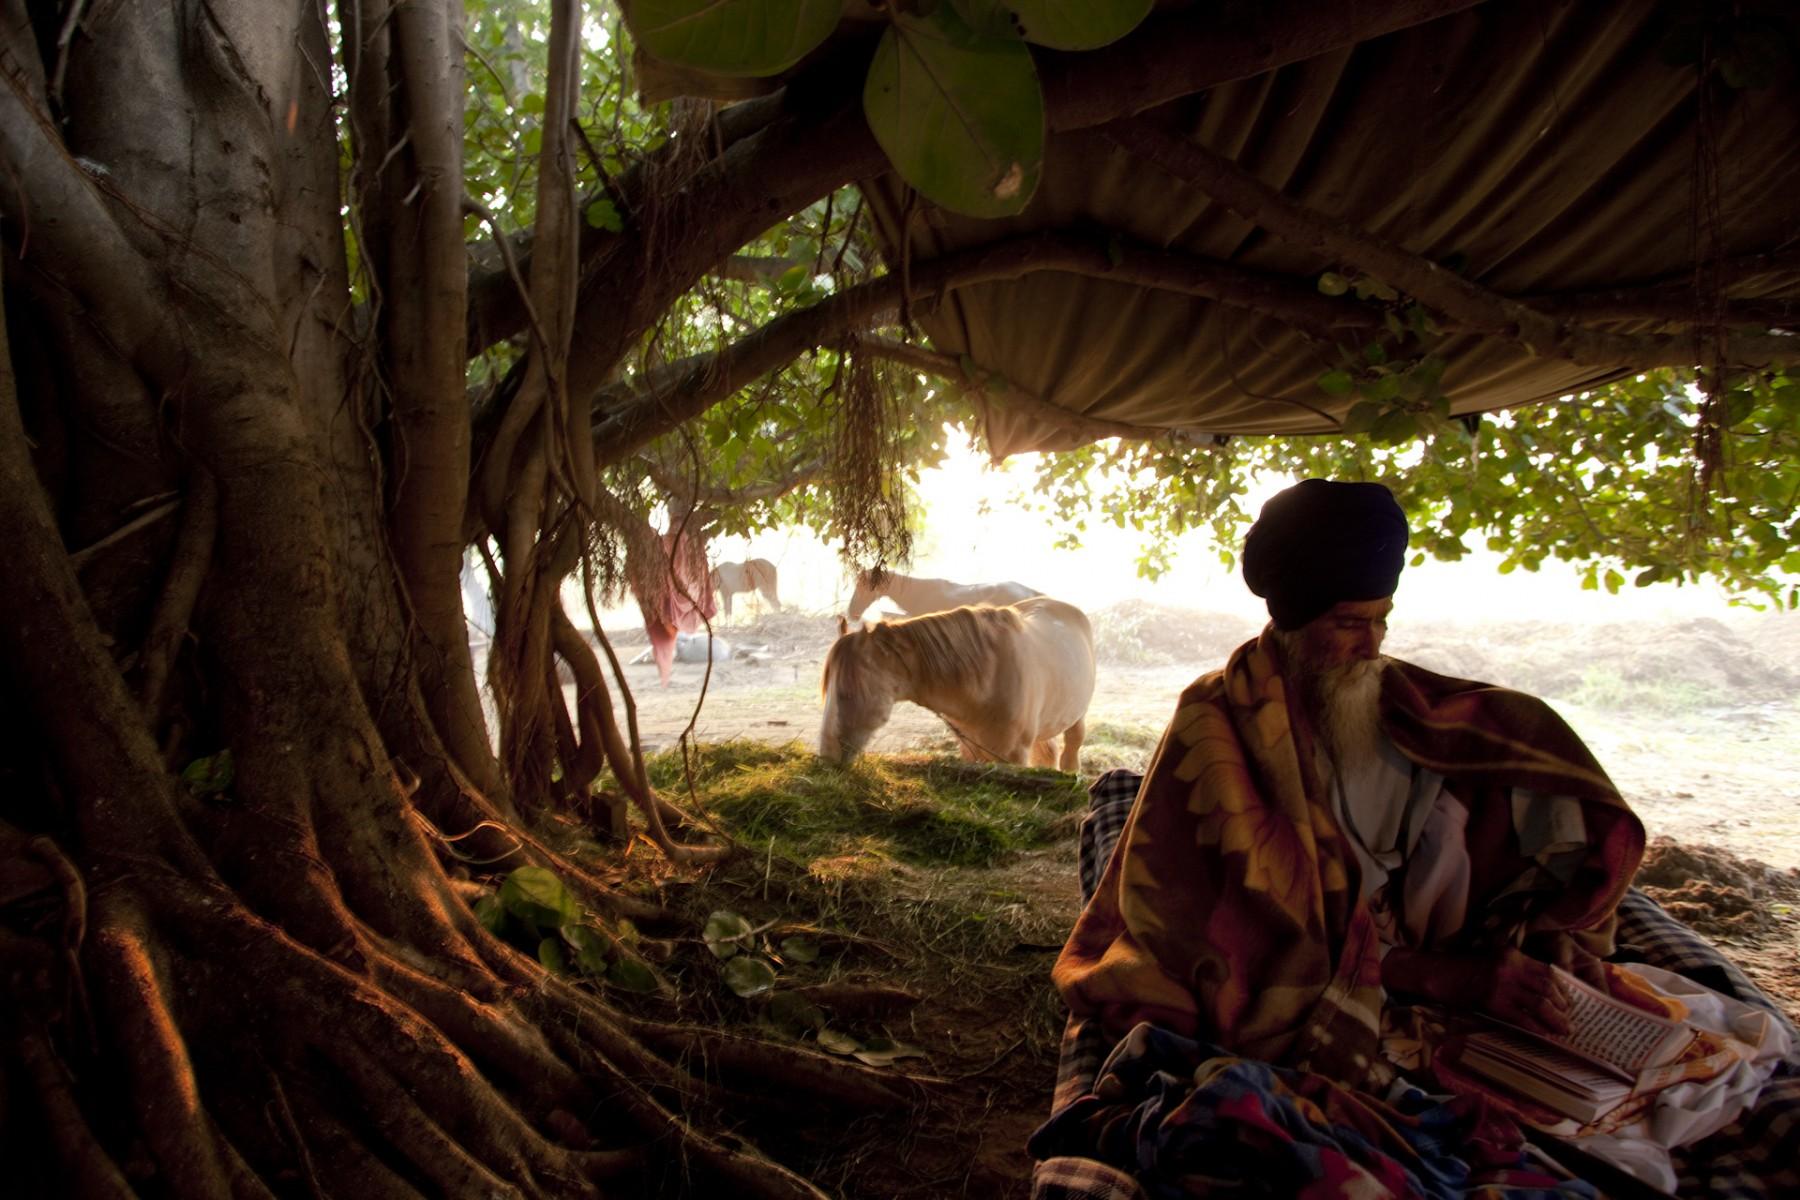 Balbir Singh reads under tree